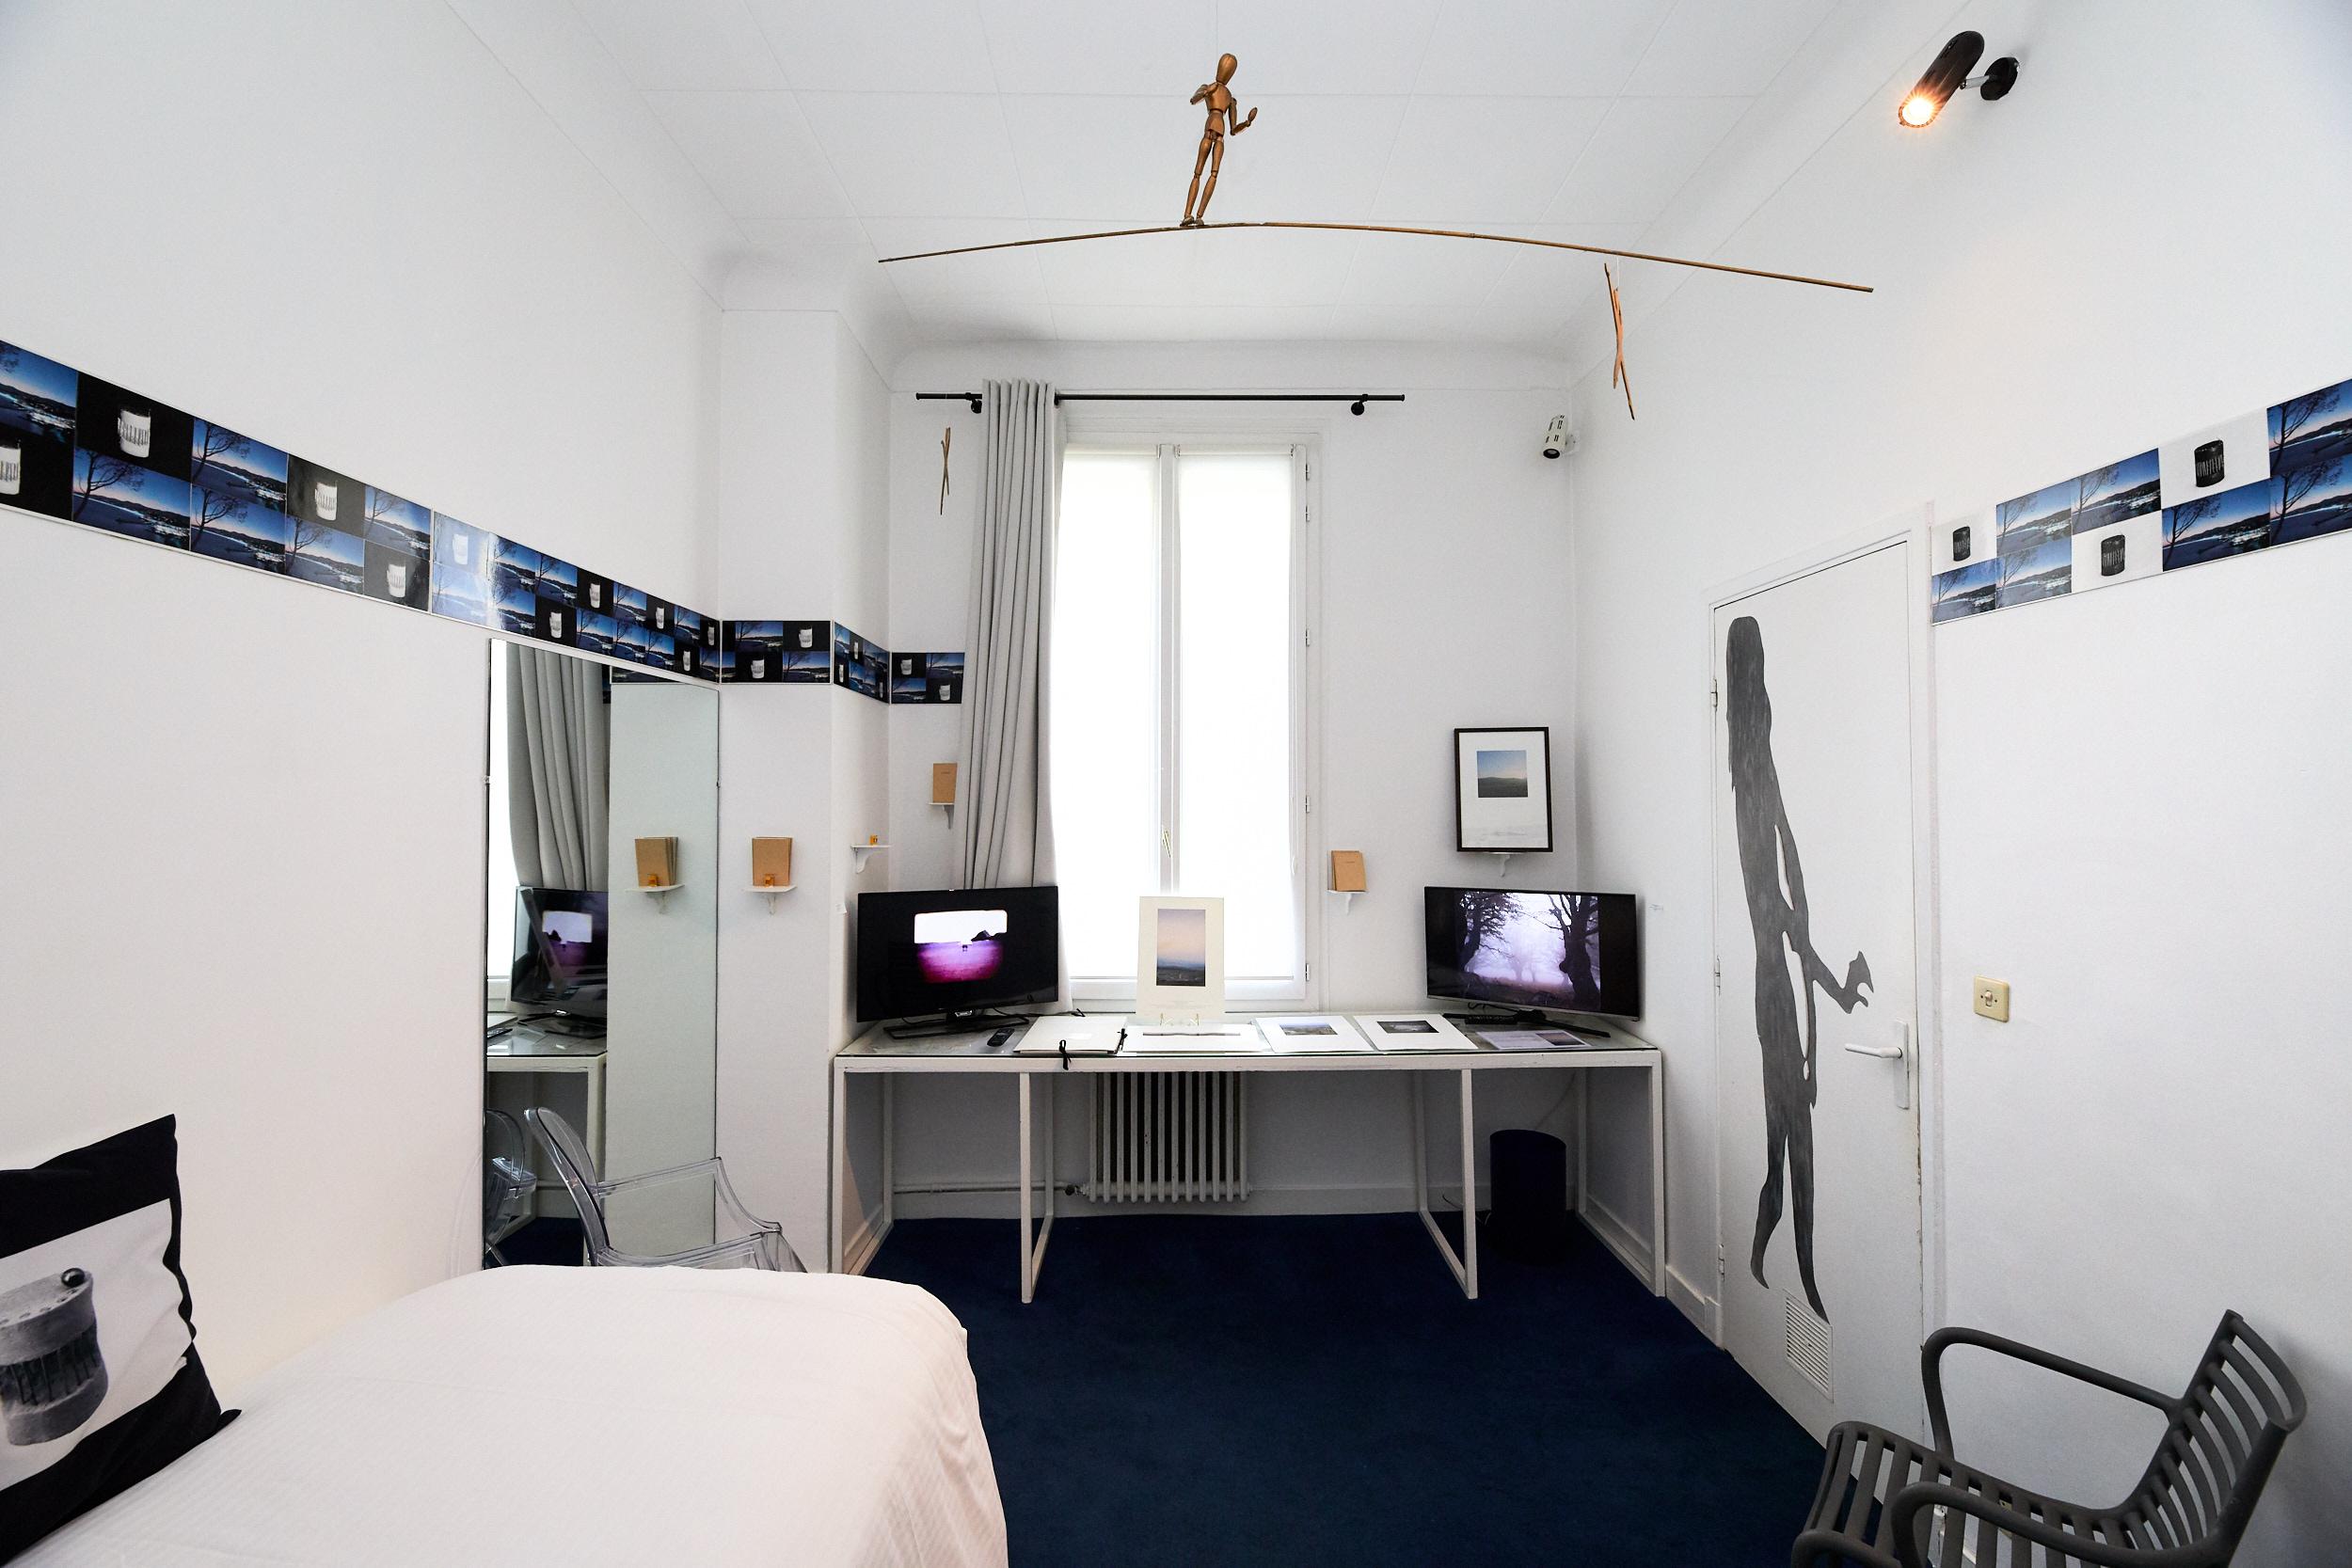 @Galerie Aline Vidal, Lucien Pelen, 2019